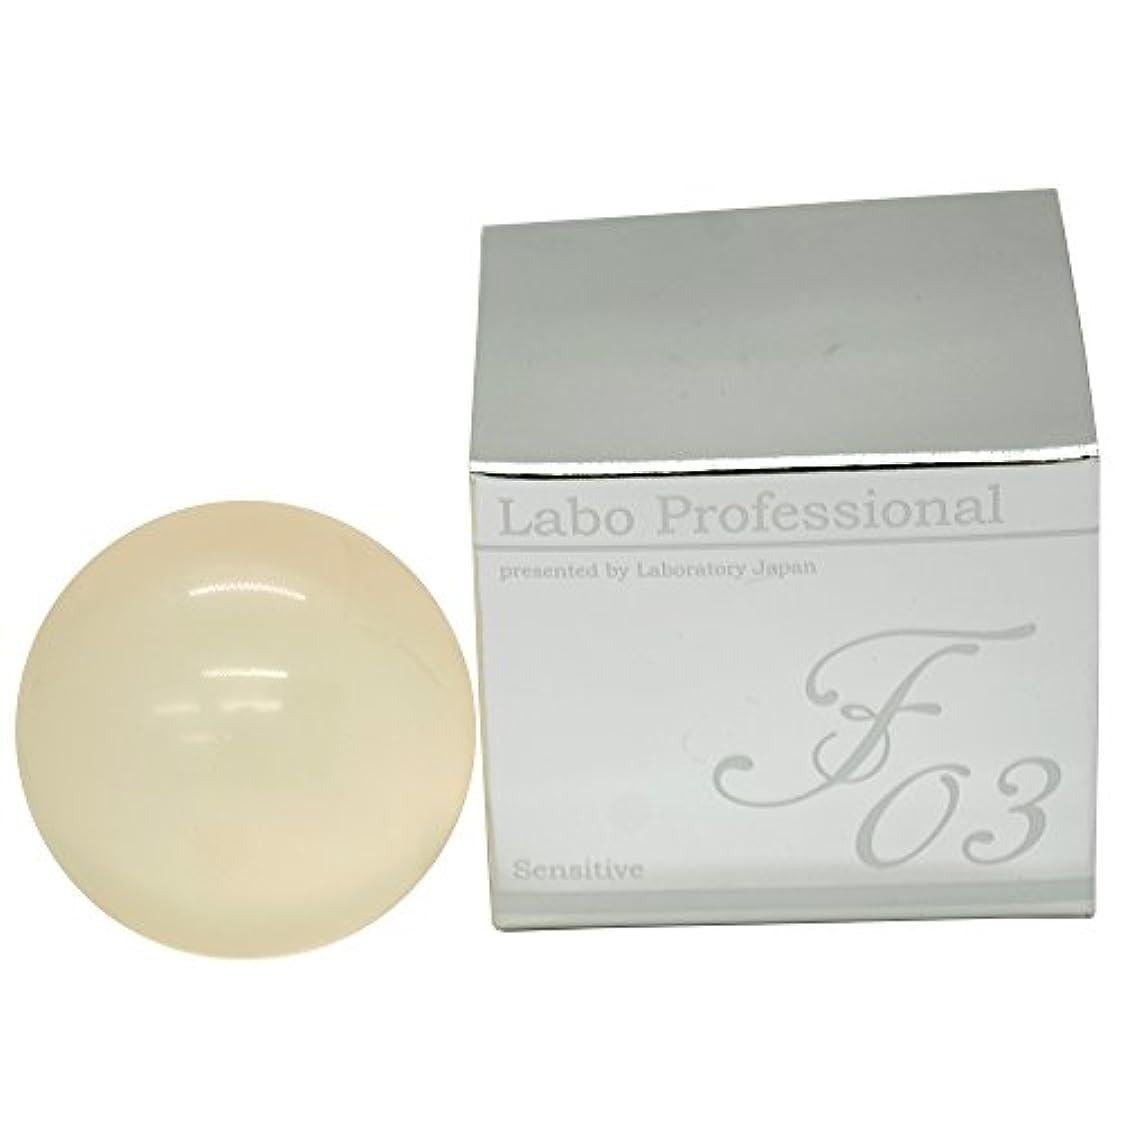 分解する不道徳ヶ月目日本製【真性フコイダン配合】赤ちゃんから使える 敏感肌向け美容石鹸 Labo Professional F03